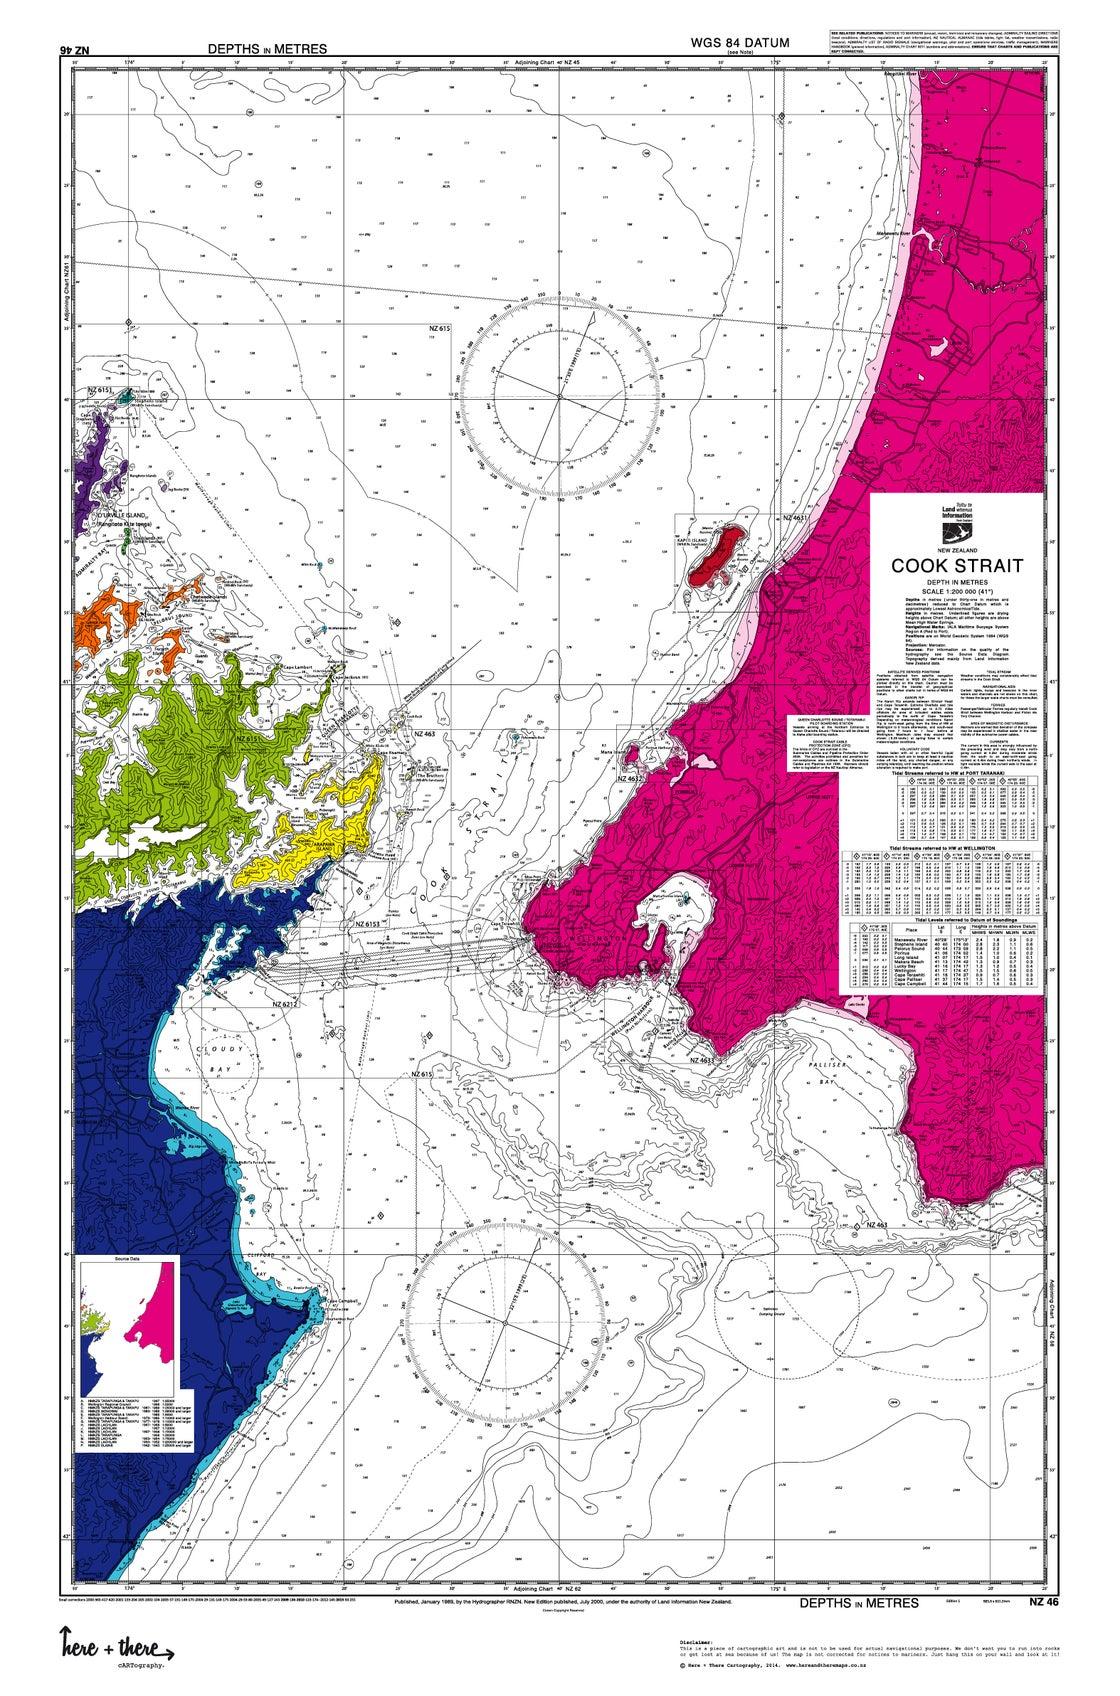 Image of Cook Strait - Rainbow Bomb